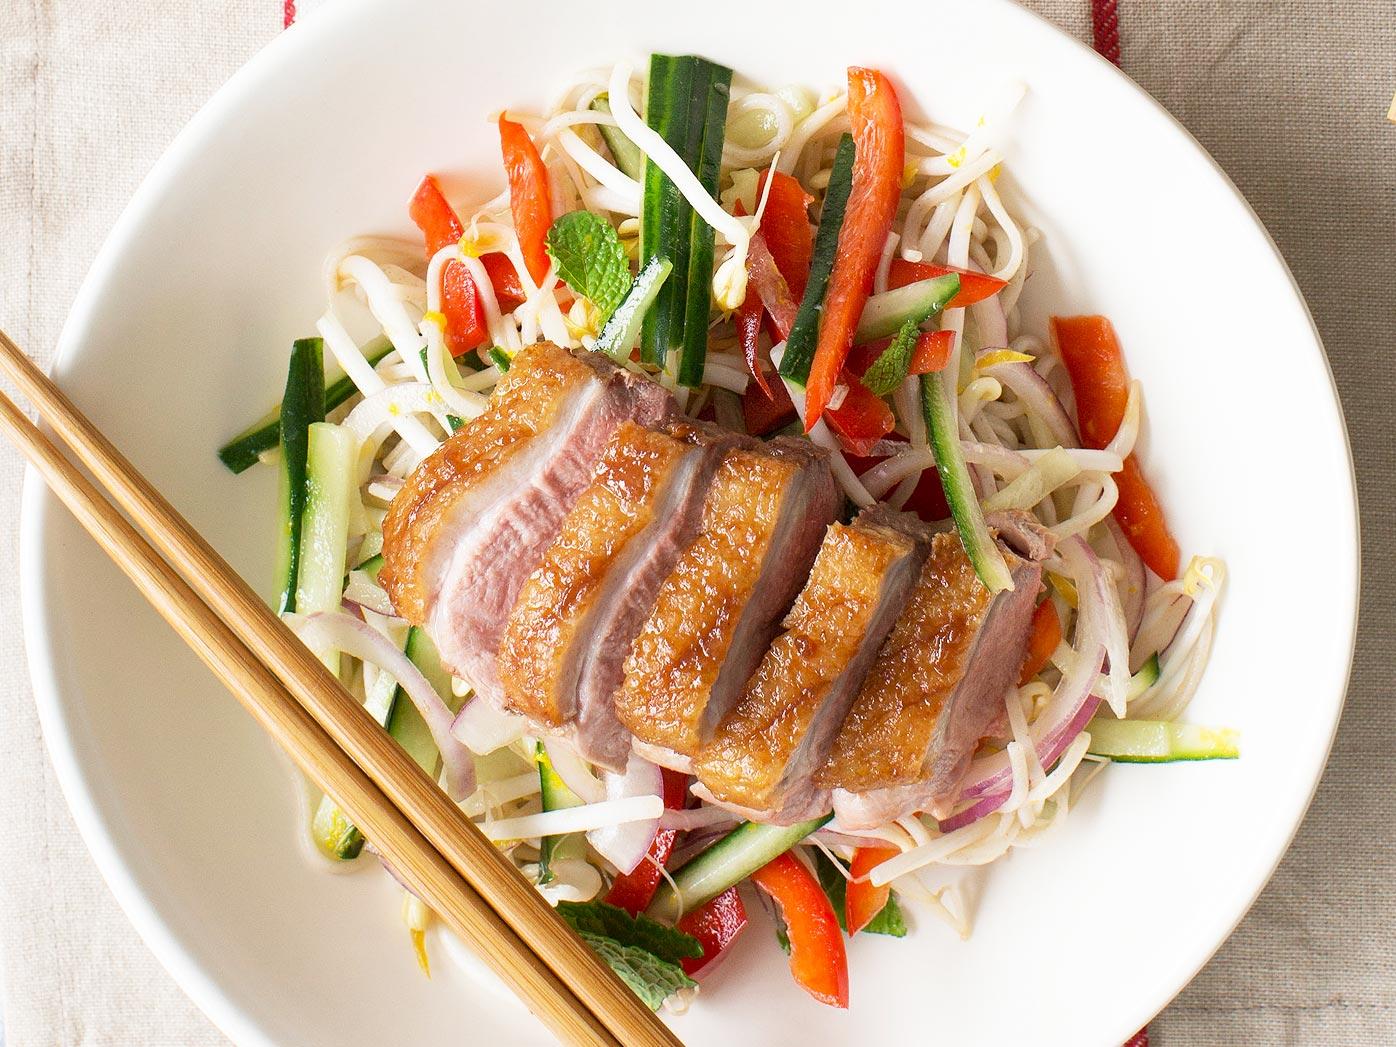 Nadia Lim's hoisin duck and soba noodle salad